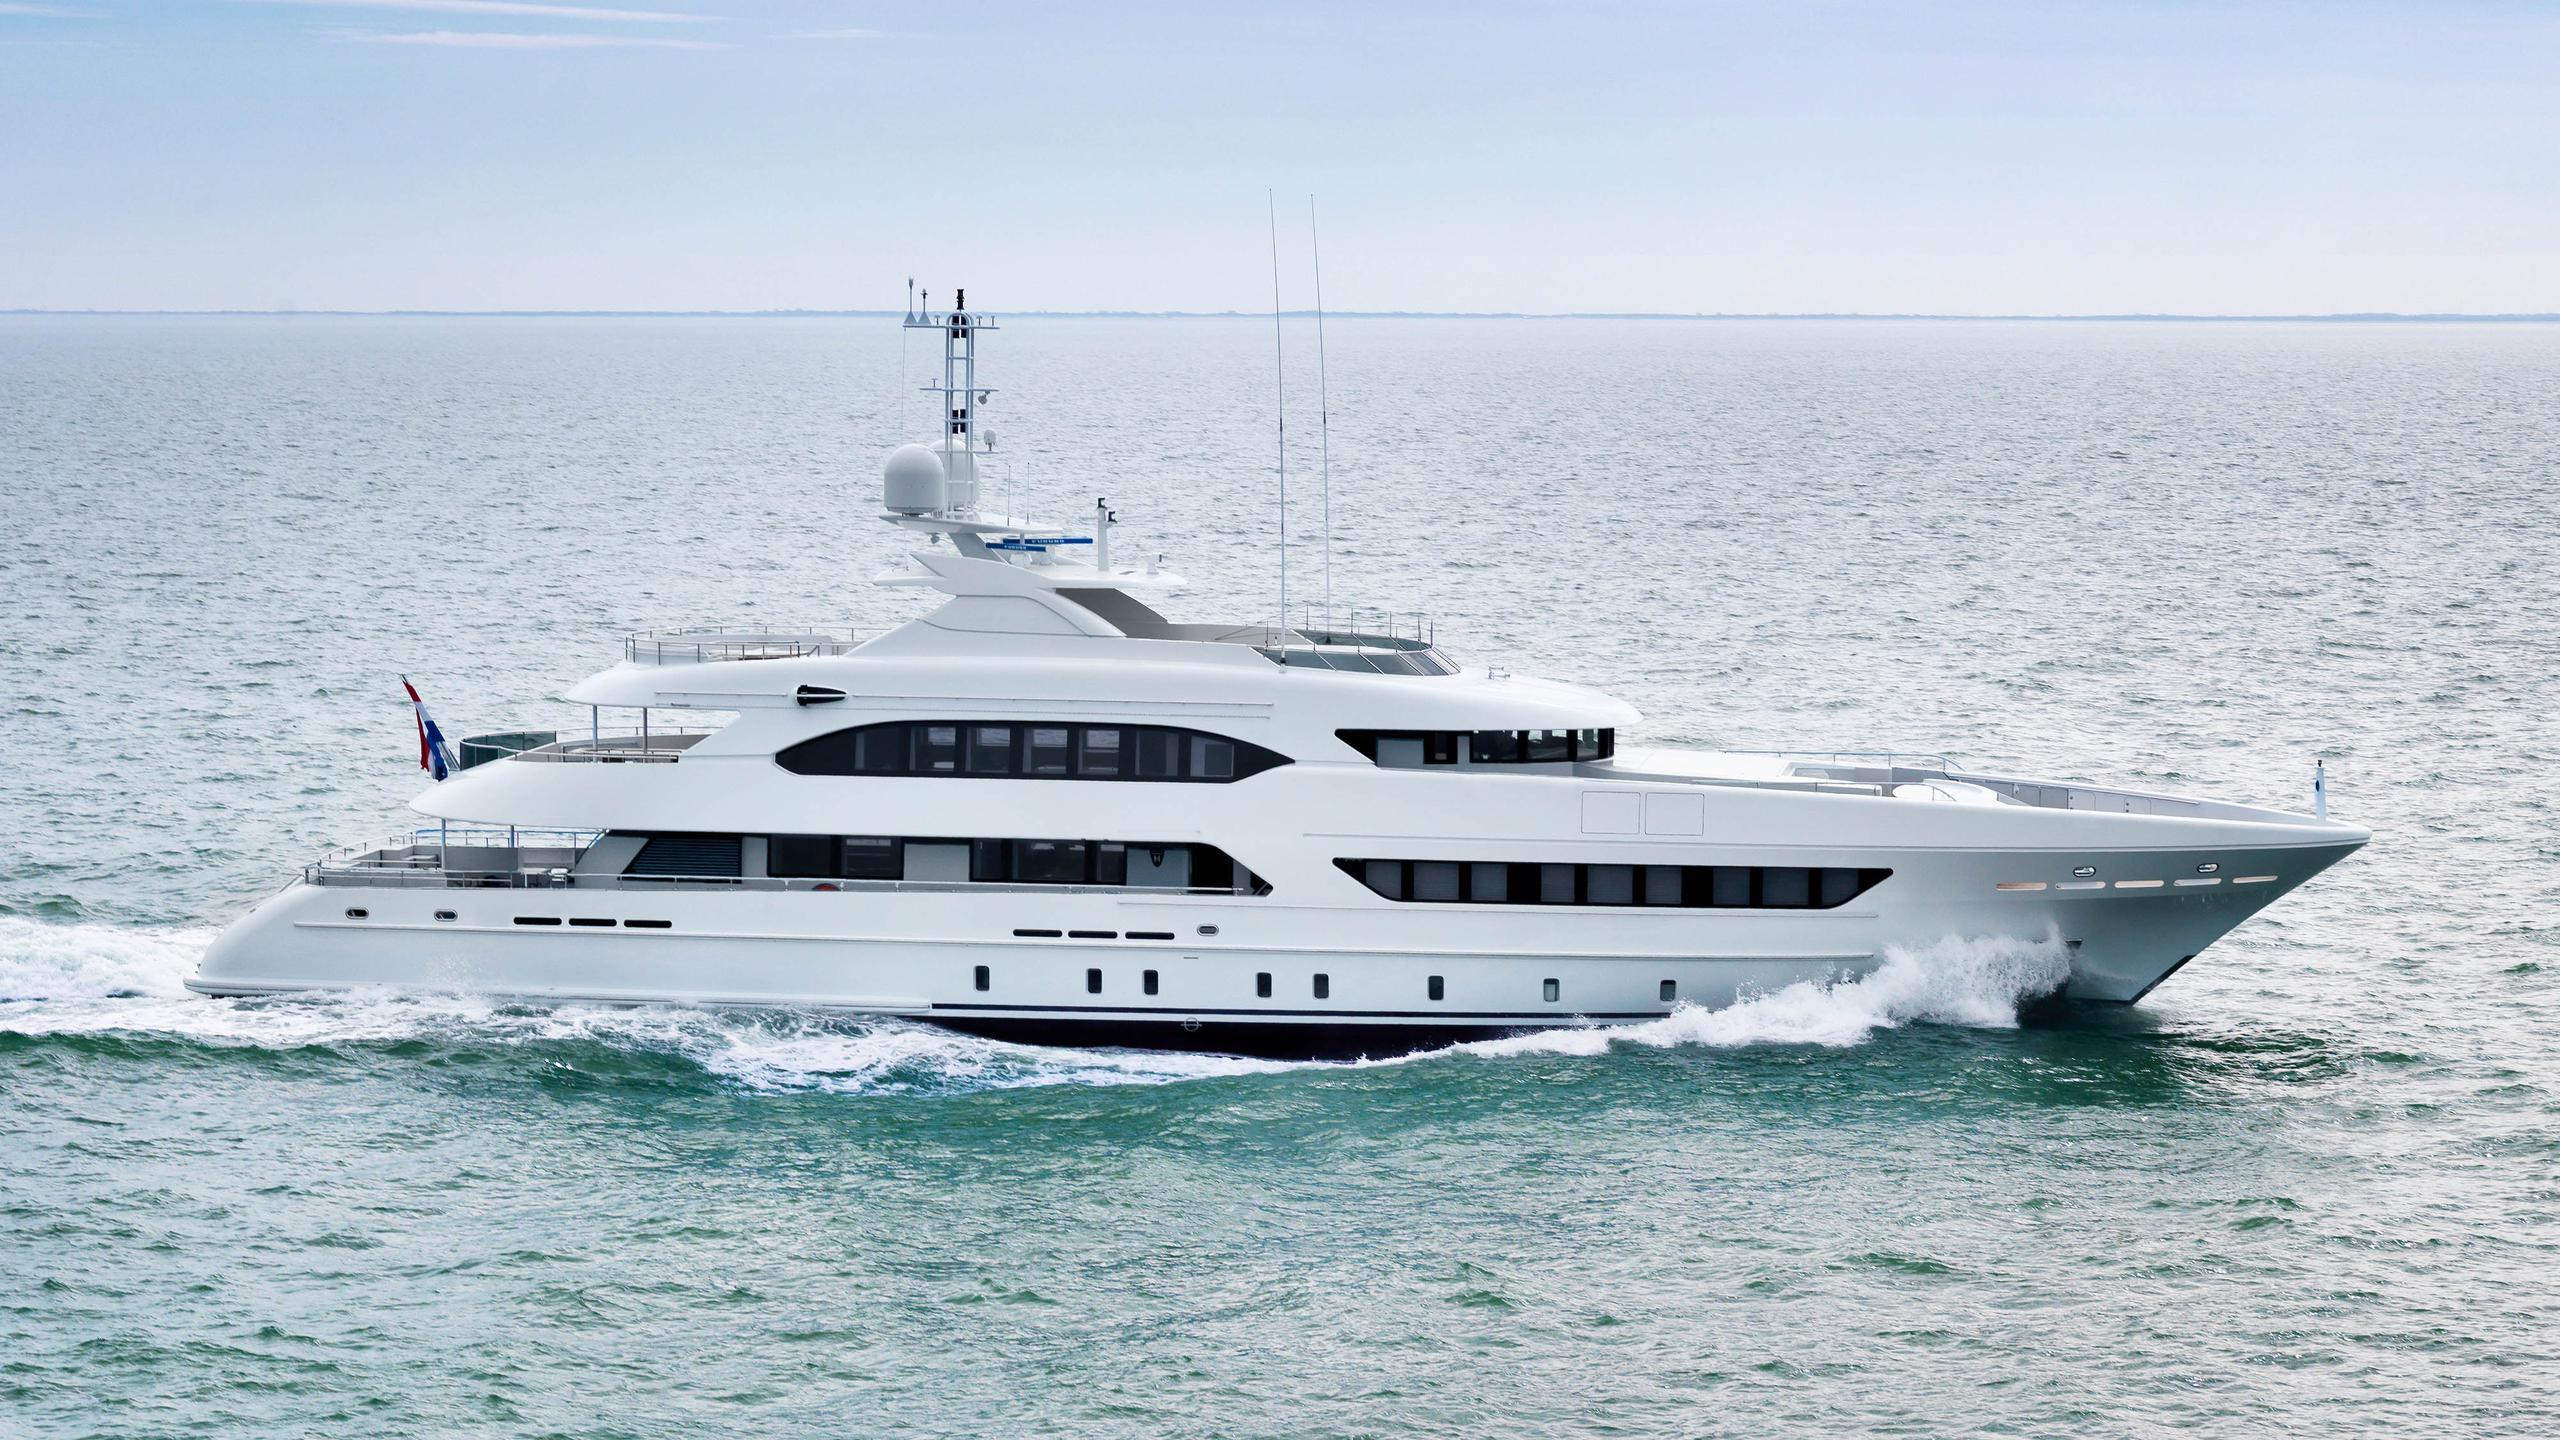 ruya motoryacht heesen yachts 47m 2017 profile